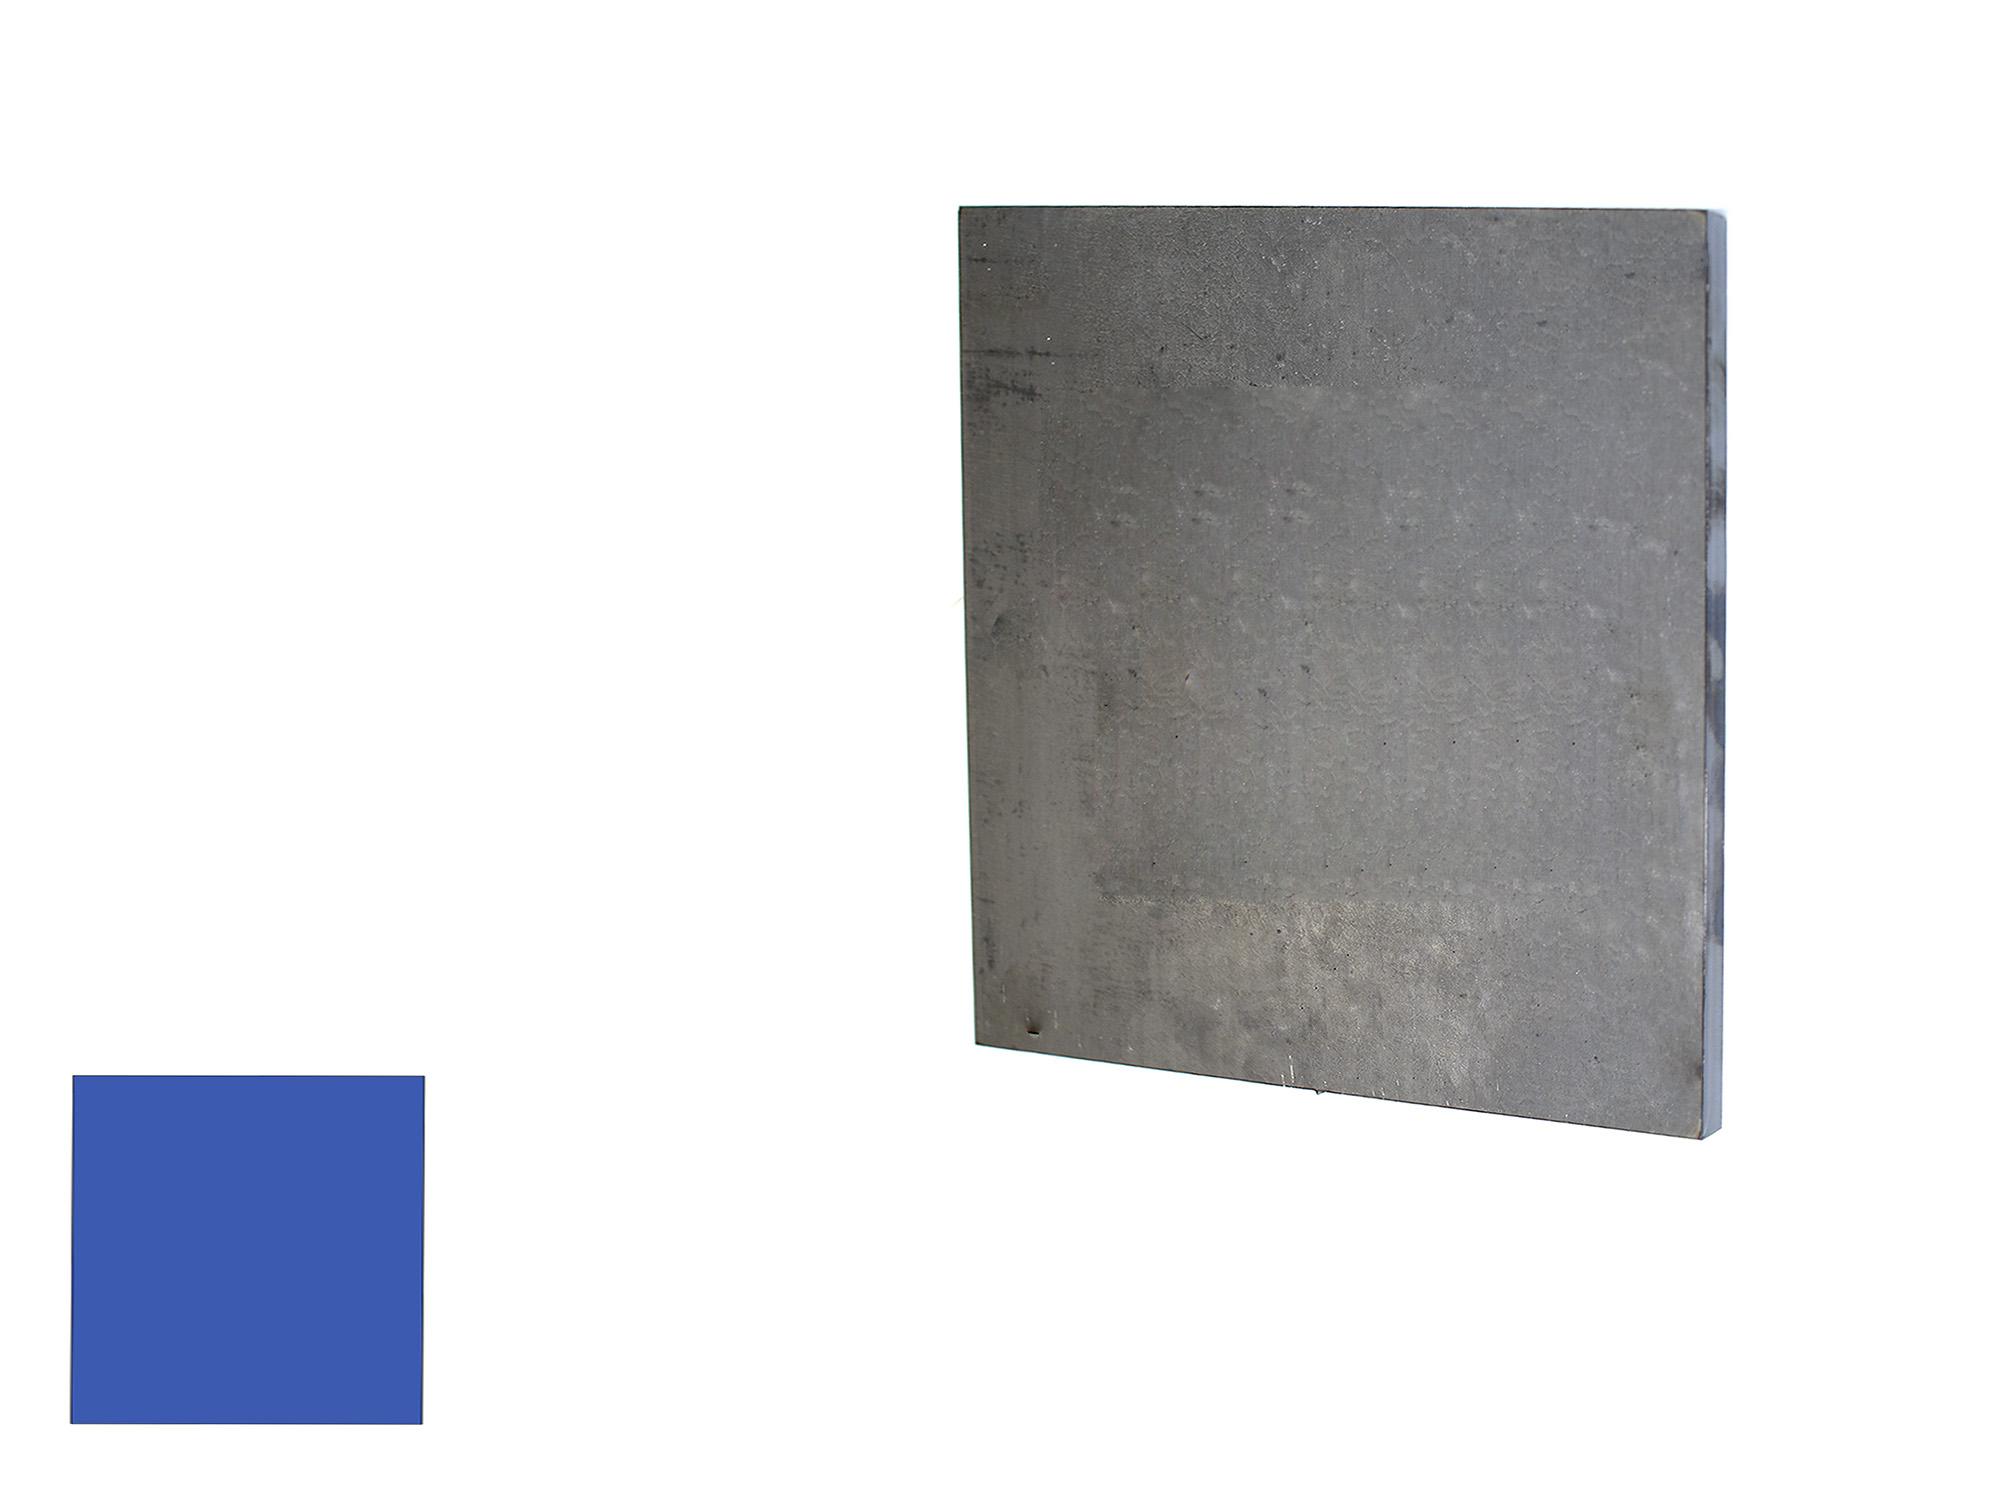 eindplaat vierkant 40 x 40 x 4mm